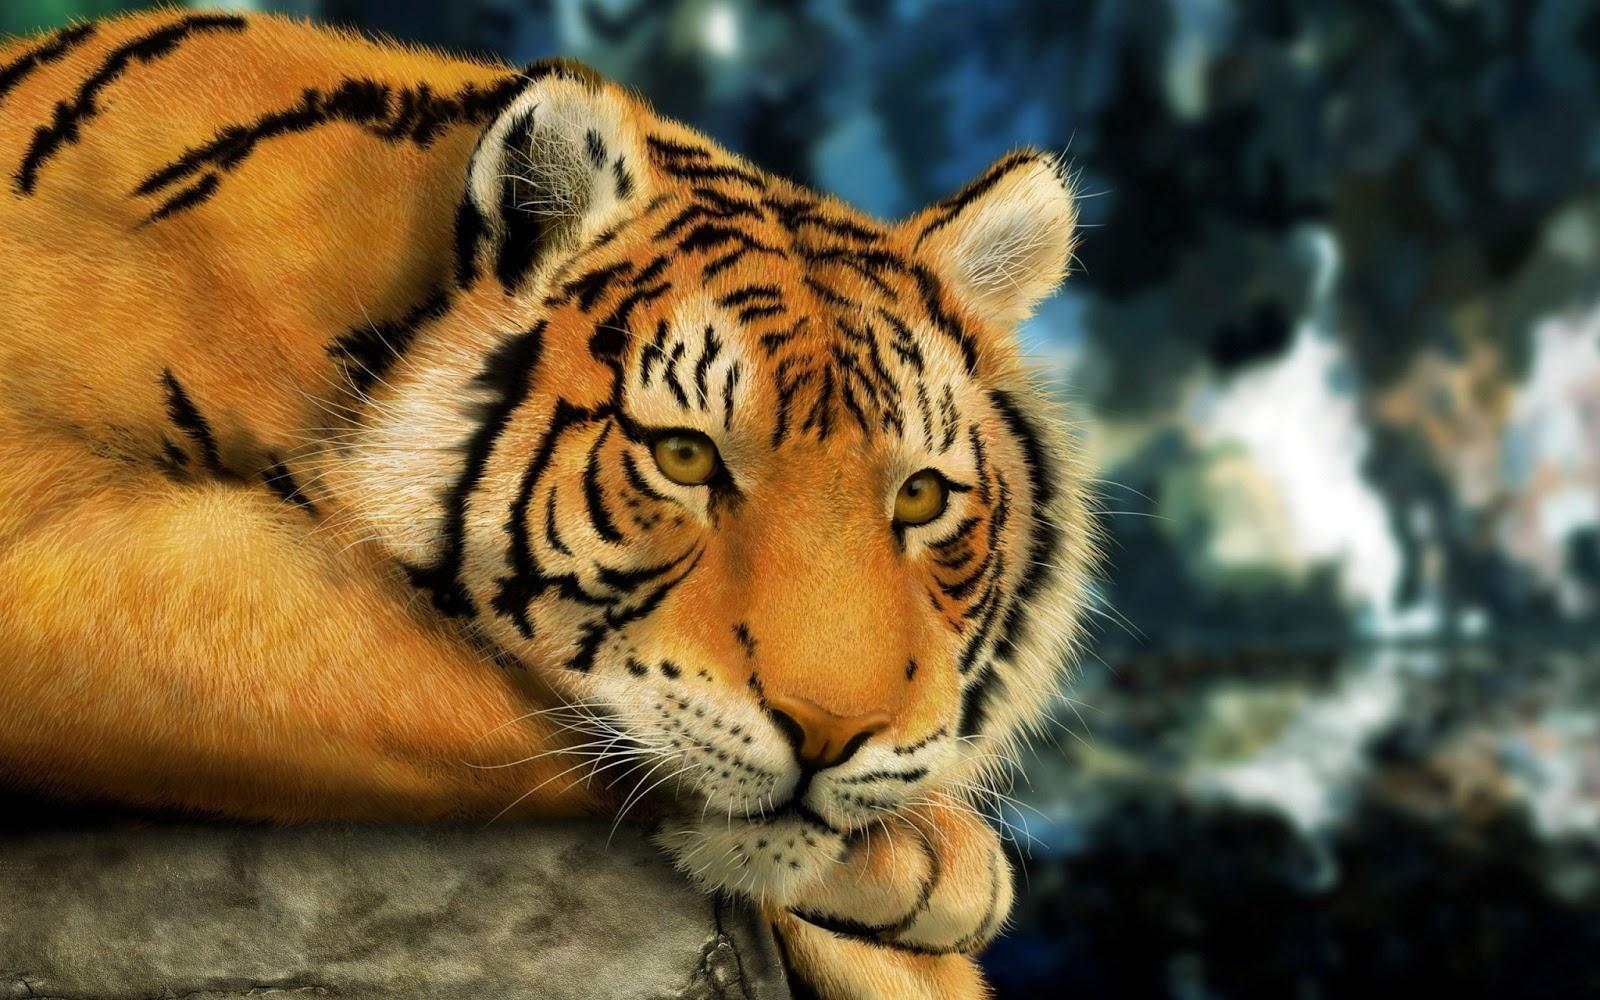 Fondos De Animales Animados: Descarga Fondos HD: Fondo De Pantalla